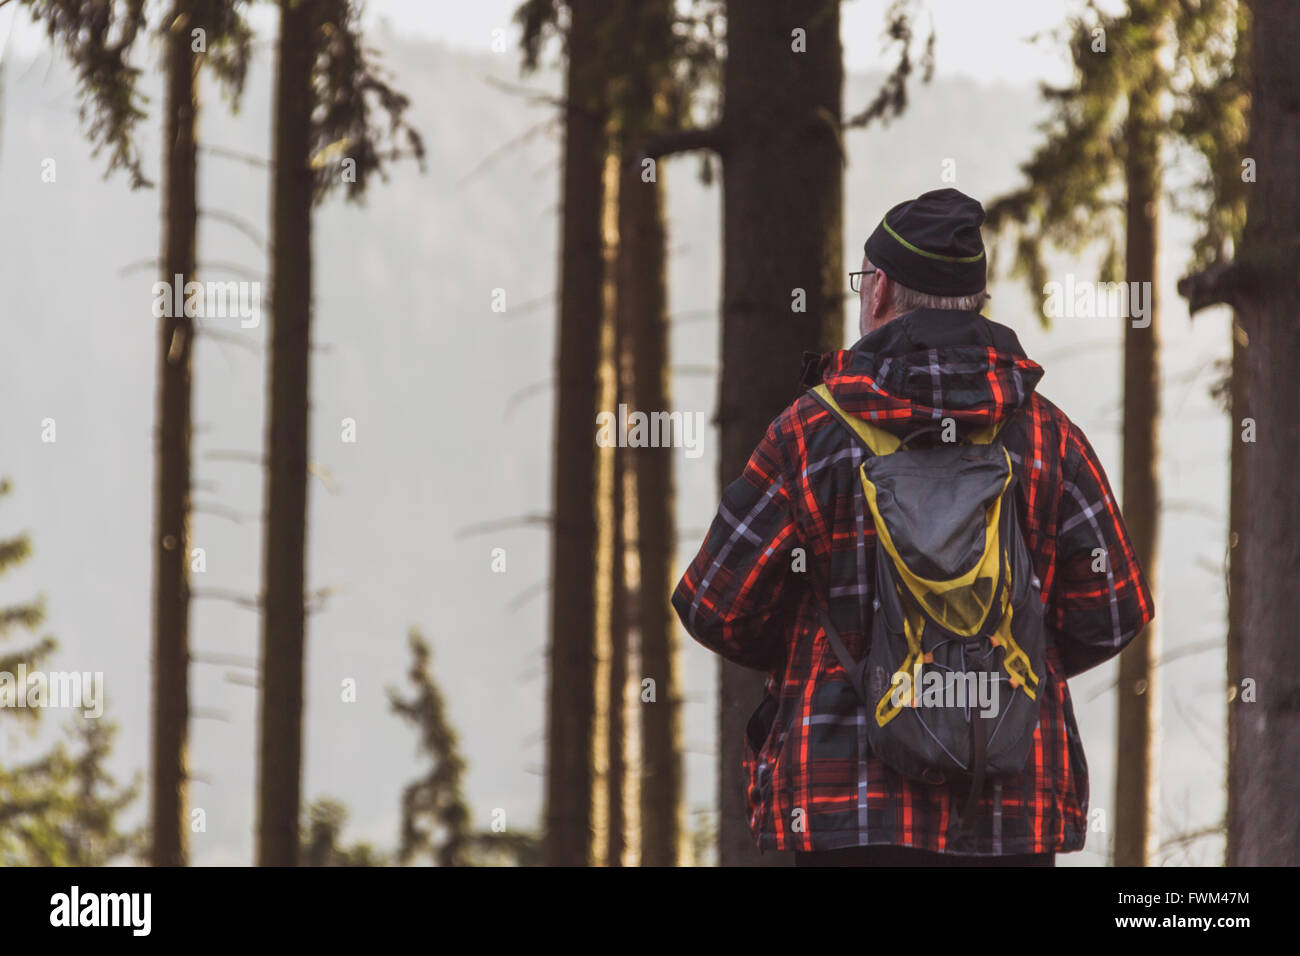 Vue arrière de l'Homme debout contre des arbres Photo Stock